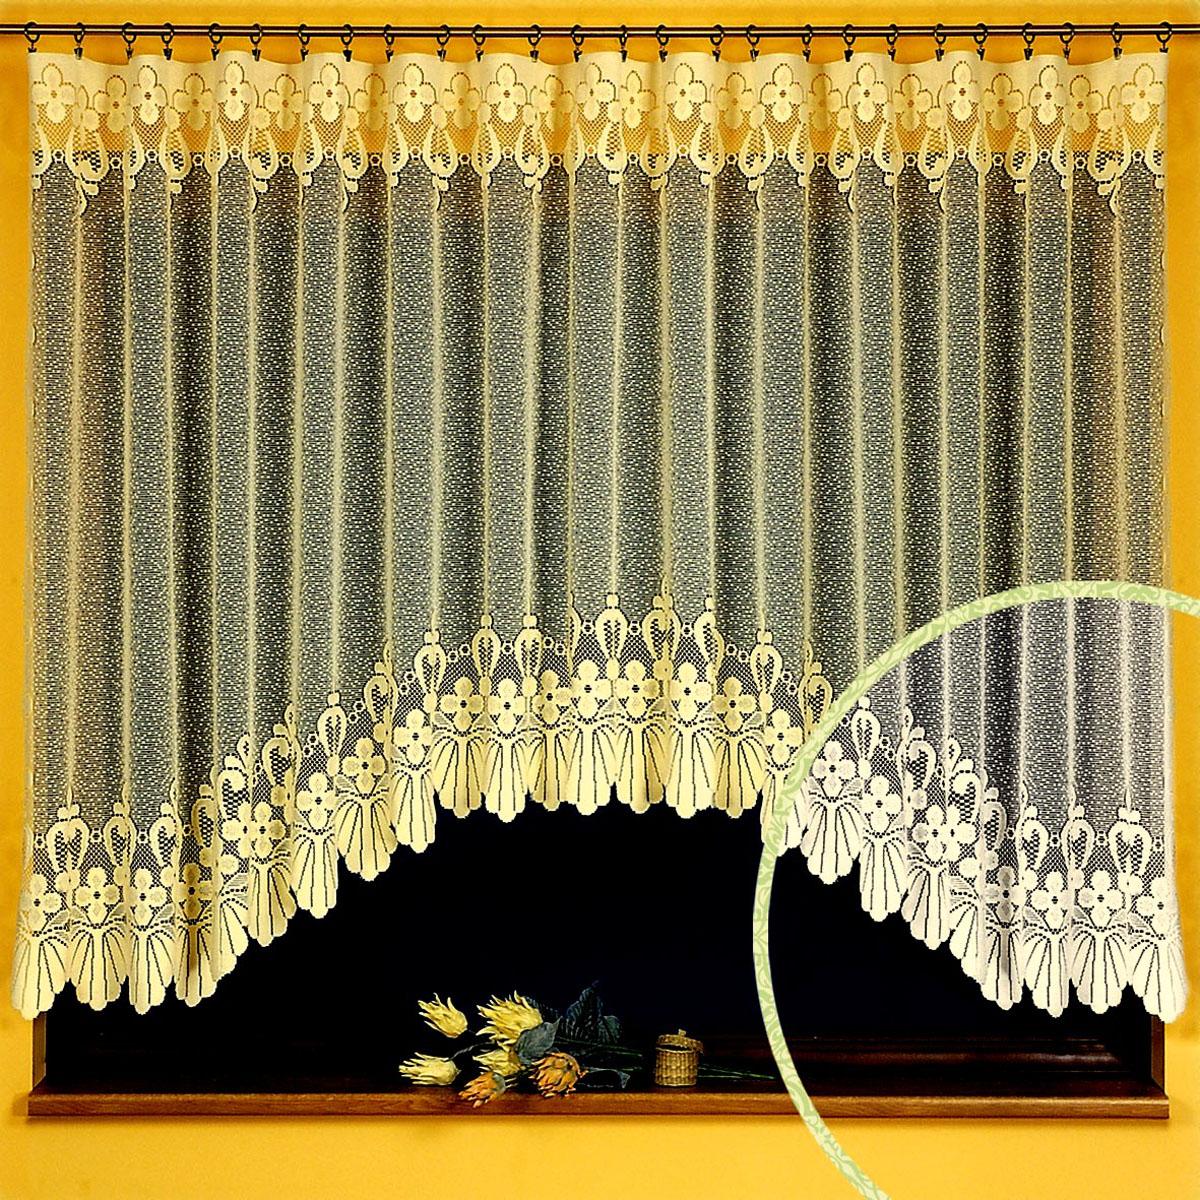 Гардина Ewa, цвет: кремовый, высота 150 см469918Гардина Ewa, выполненная из легкого полиэстера кремового цвета, станет великолепным украшением любого окна. Тонкое плетение, оригинальный дизайн и нежная цветовая гамма привлекут внимание и украсят интерьер помещения. Гардина крепится к карнизу только с помощью зажимов (в комплект не входят). Характеристики:Материал: 100% полиэстер. Цвет: кремовый. Размер упаковки:24 см х 33 см х 6 см. Артикул: 469918.В комплект входит: Гардина - 1 шт. Размер (ШхВ): 350 см х 150 см. Фирма Wisan на польском рынке существует уже более пятидесяти лет и является одной из лучших польских фабрик по производству штор и тканей. Ассортимент фирмы представлен готовыми комплектами штор для гостиной, детской, кухни, а также текстилем для кухни (скатерти, салфетки, дорожки, кухонные занавески). Модельный ряд отличает оригинальный дизайн, высокое качество. Ассортимент продукции постоянно пополняется.